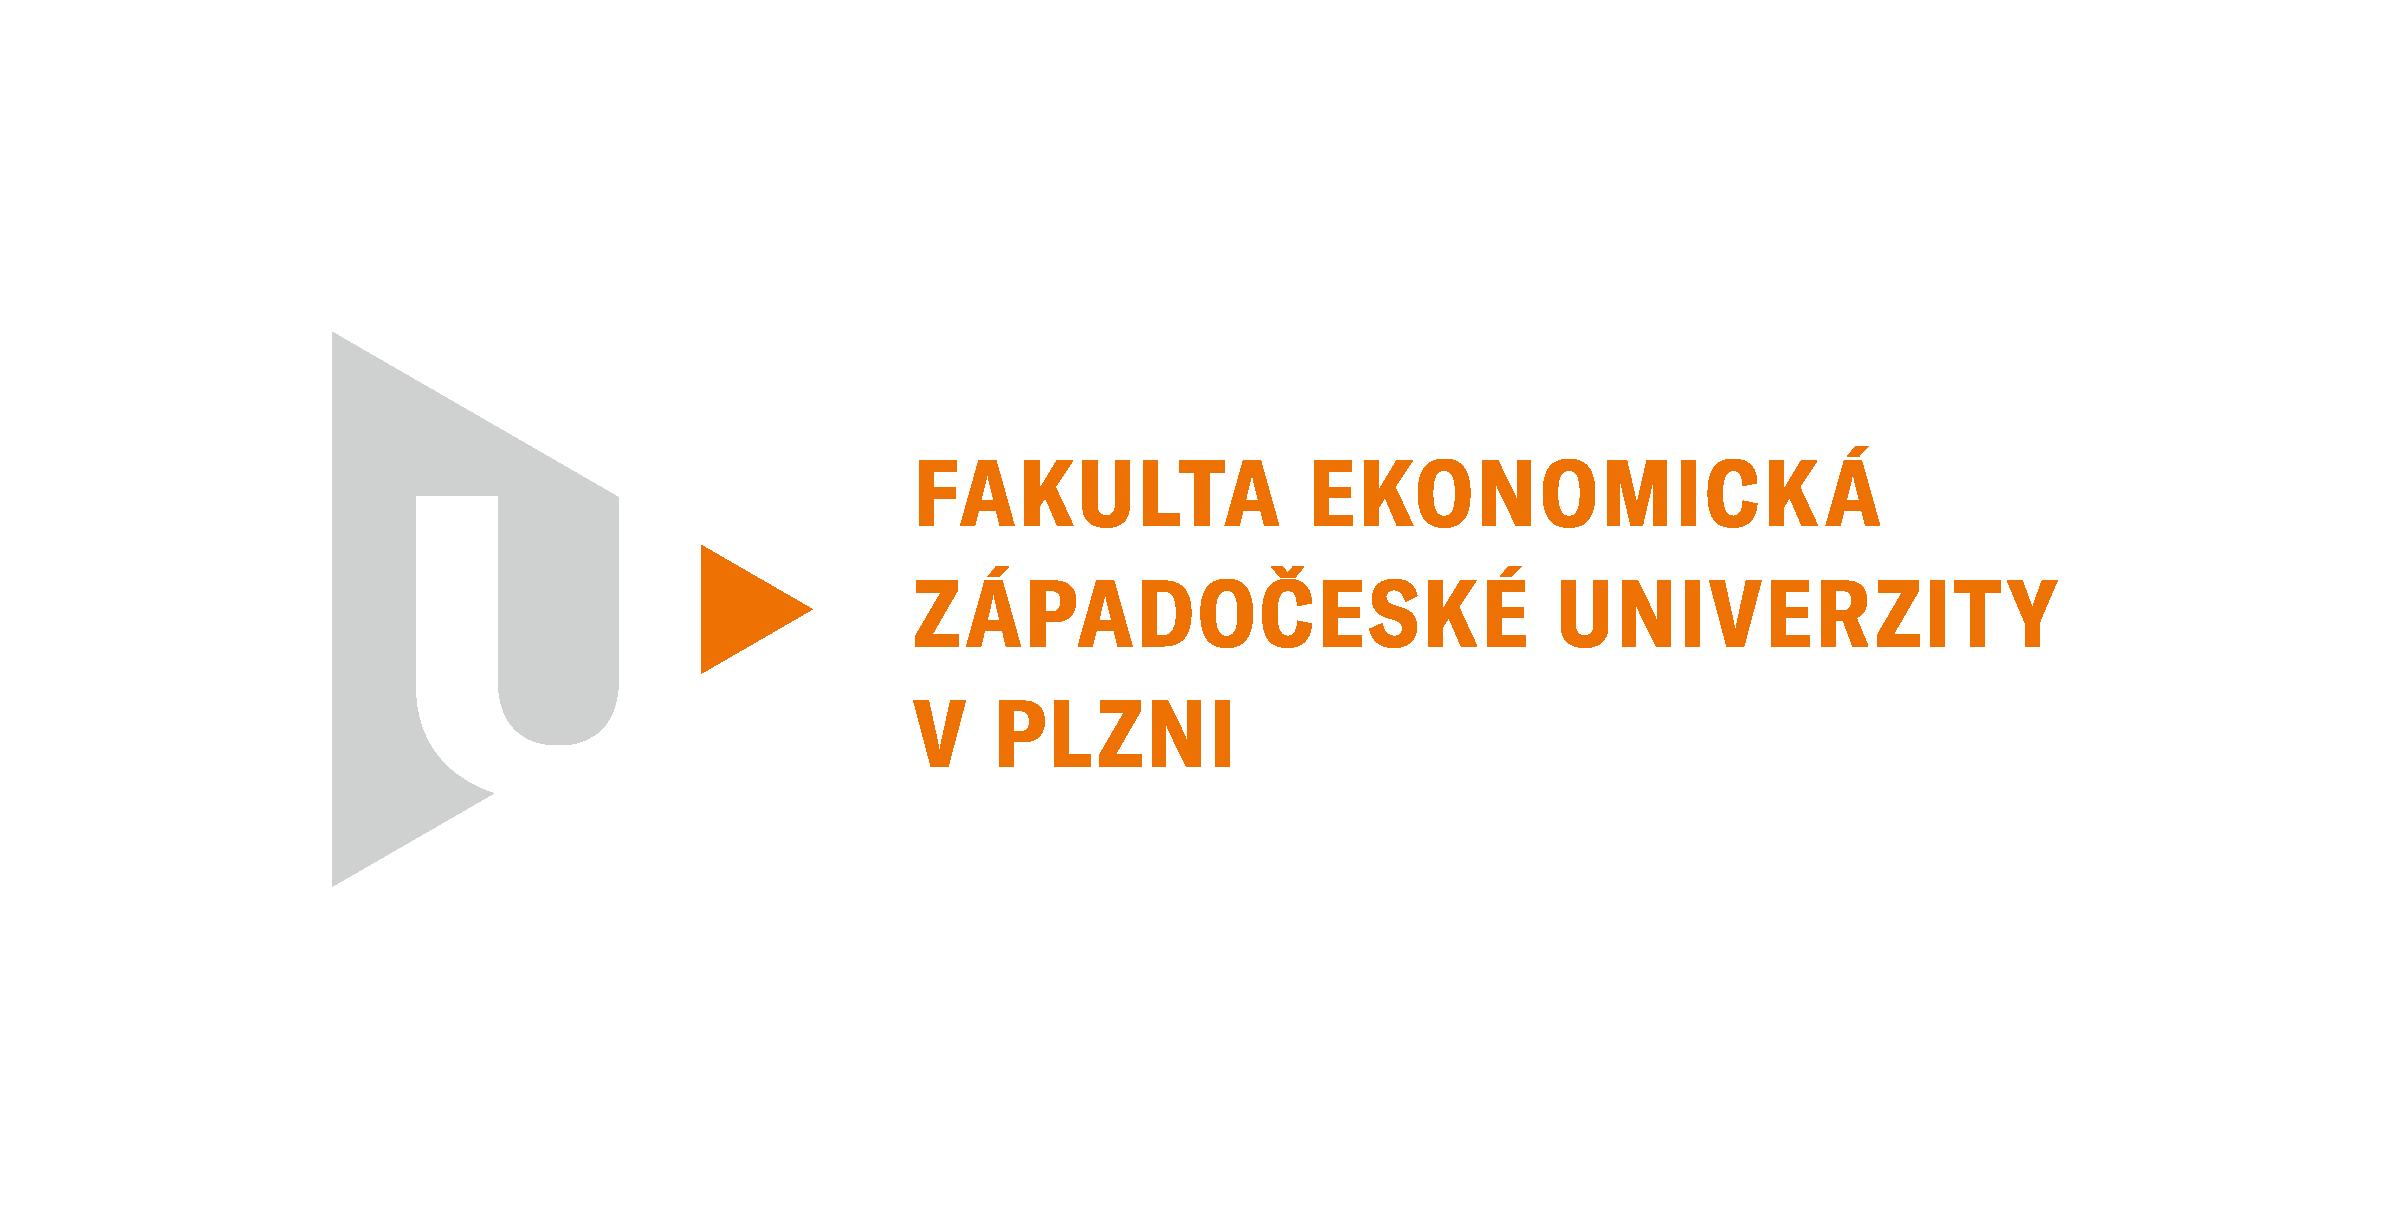 logo firmy ZÁPADOČESKÁ UNIVERZITA V PLZNI-FAKULTA EKONOMICKÁ